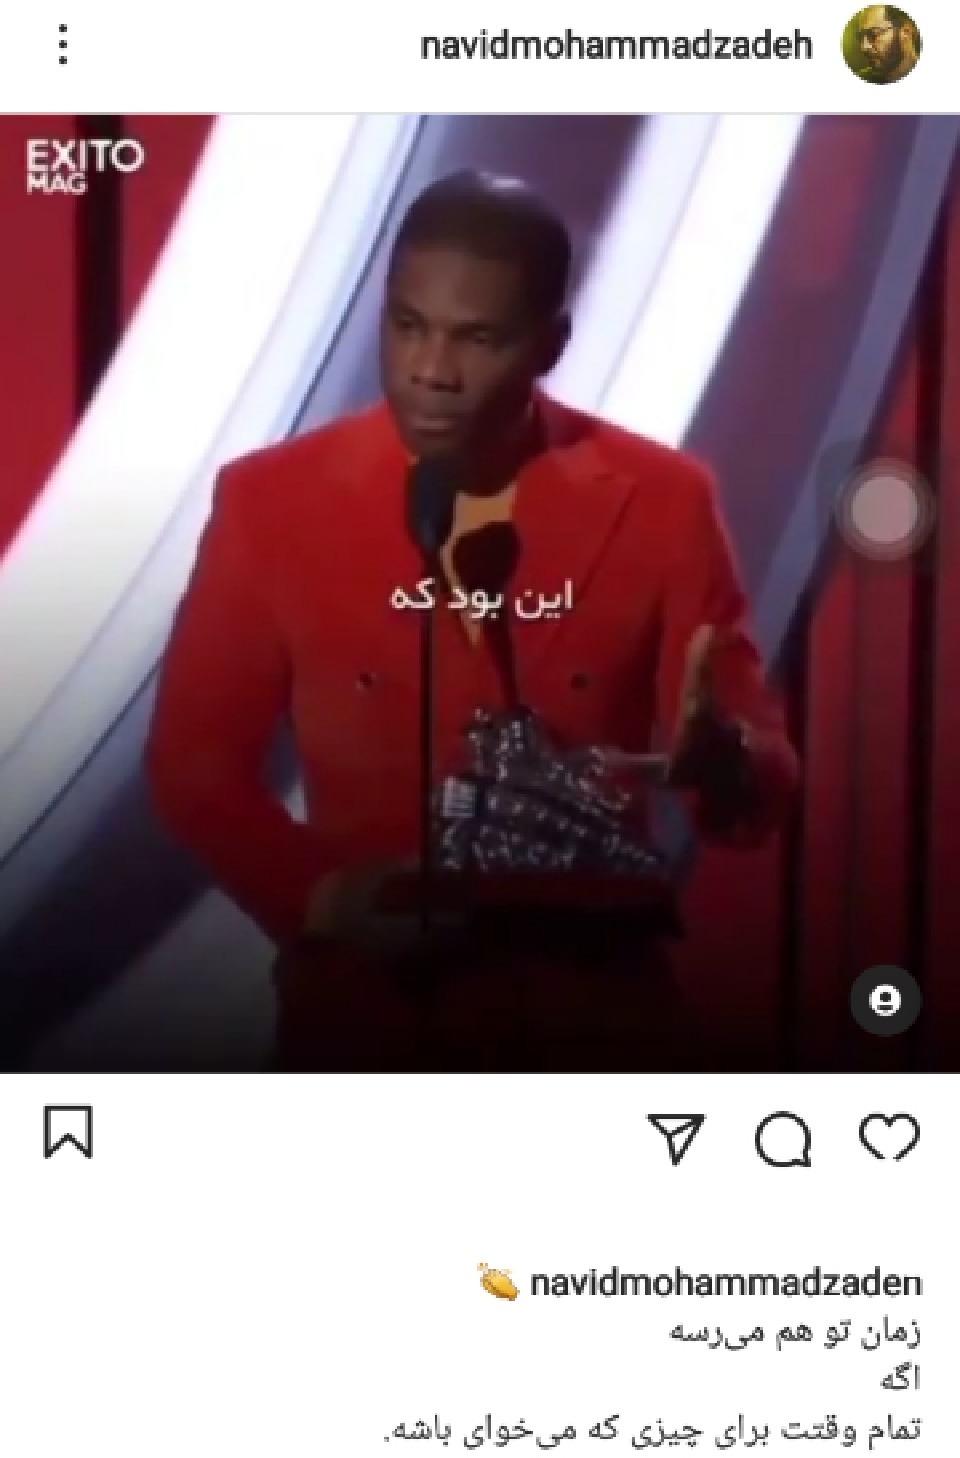 پست جدید نوید محمدزاده